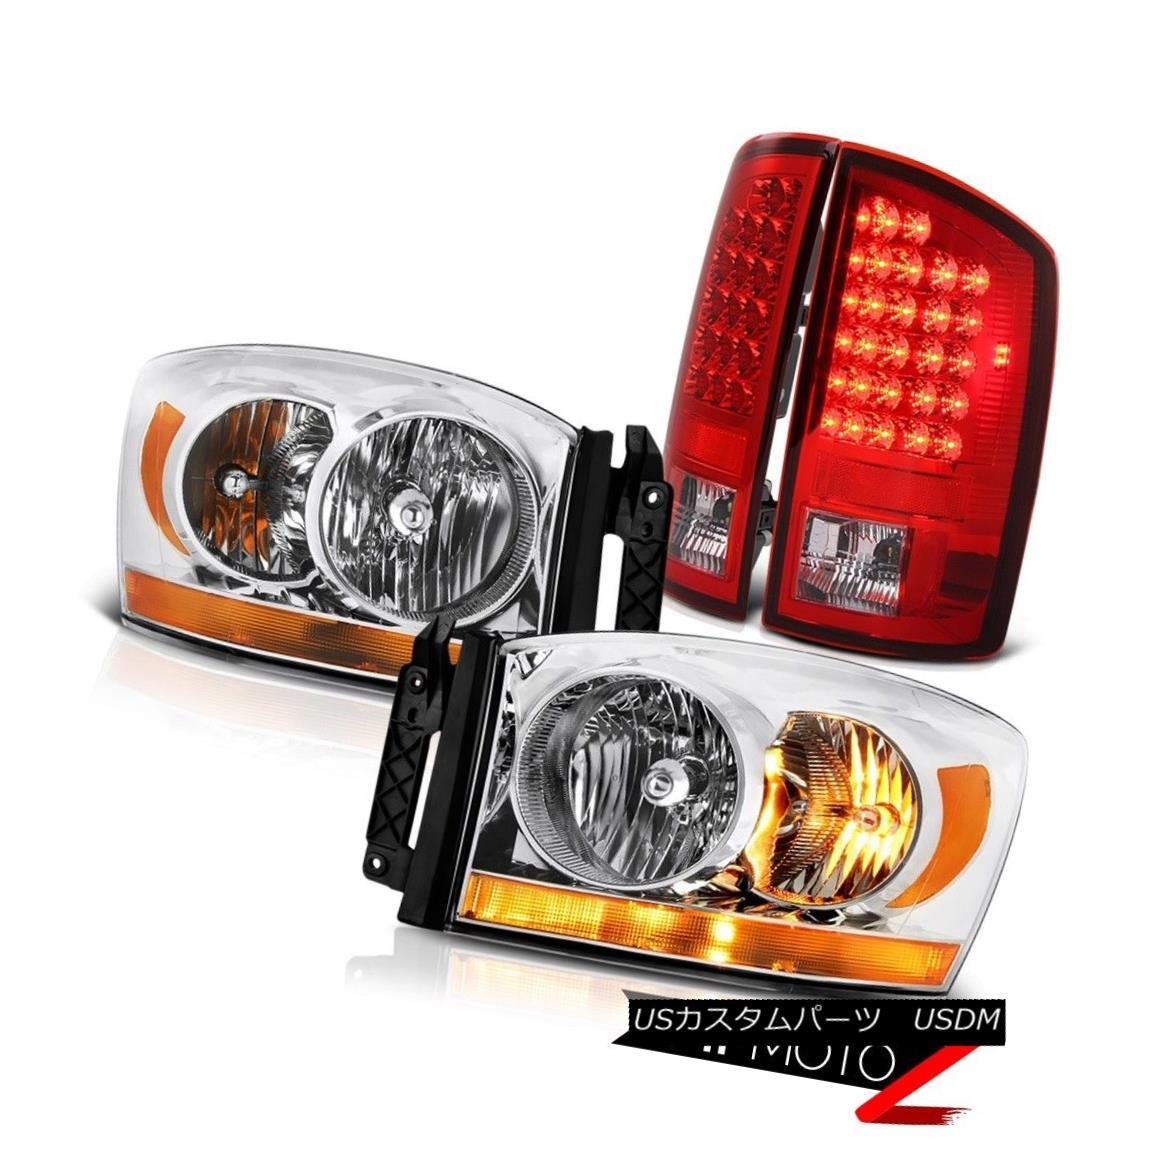 ヘッドライト 2006 Dodge Ram 1500 3.7L Sterling Chrome Headlights Wine Red Rear Brake Lights 2006 Dodge Ram 1500 3.7Lスターリングクロームヘッドライトワインレッドリアブレーキライト